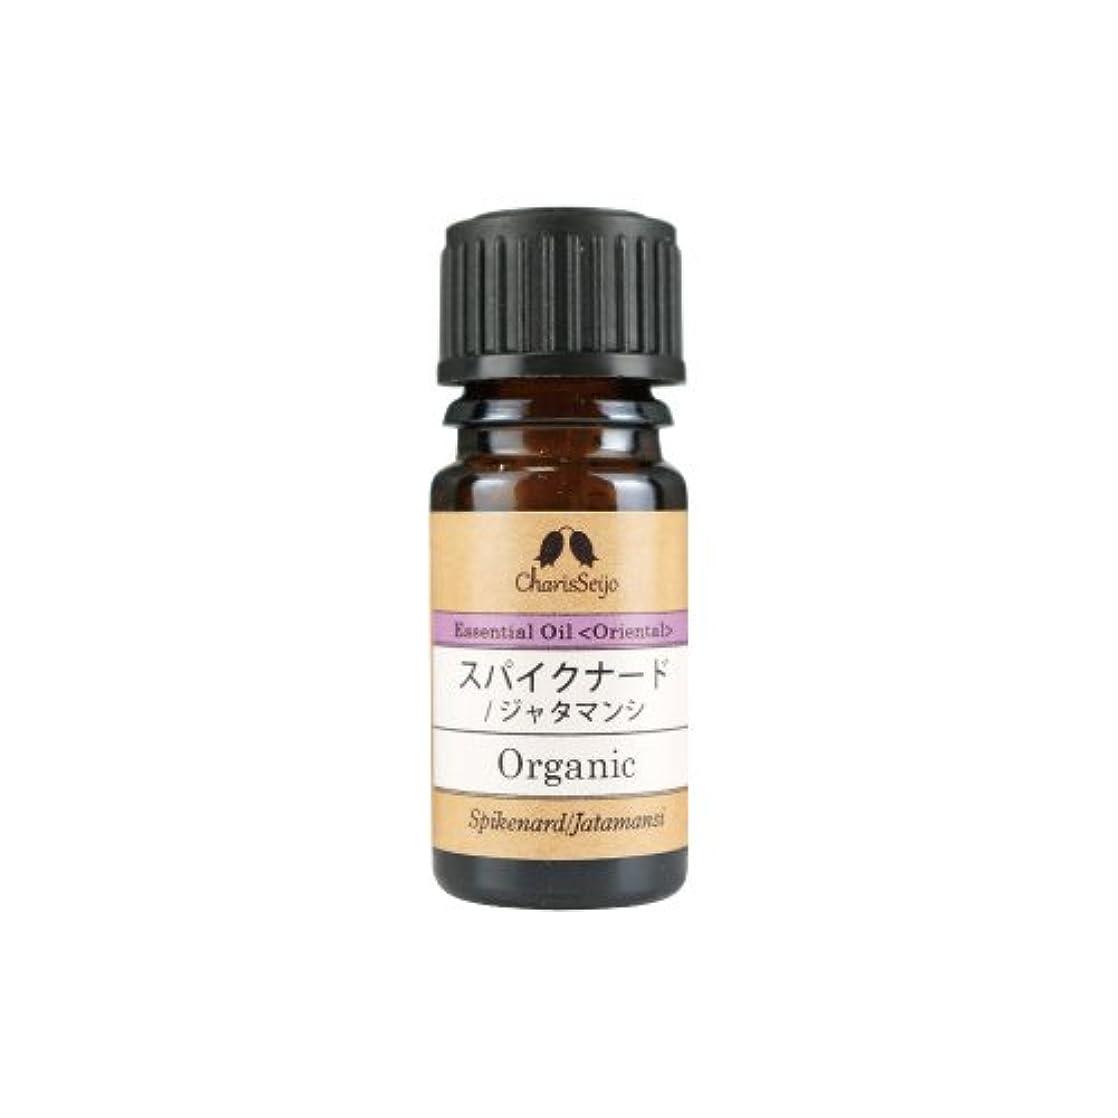 等価血色の良い固有のカリス エッセンシャルオイル スパイクナード/ジャタマンシ Organic 2ml